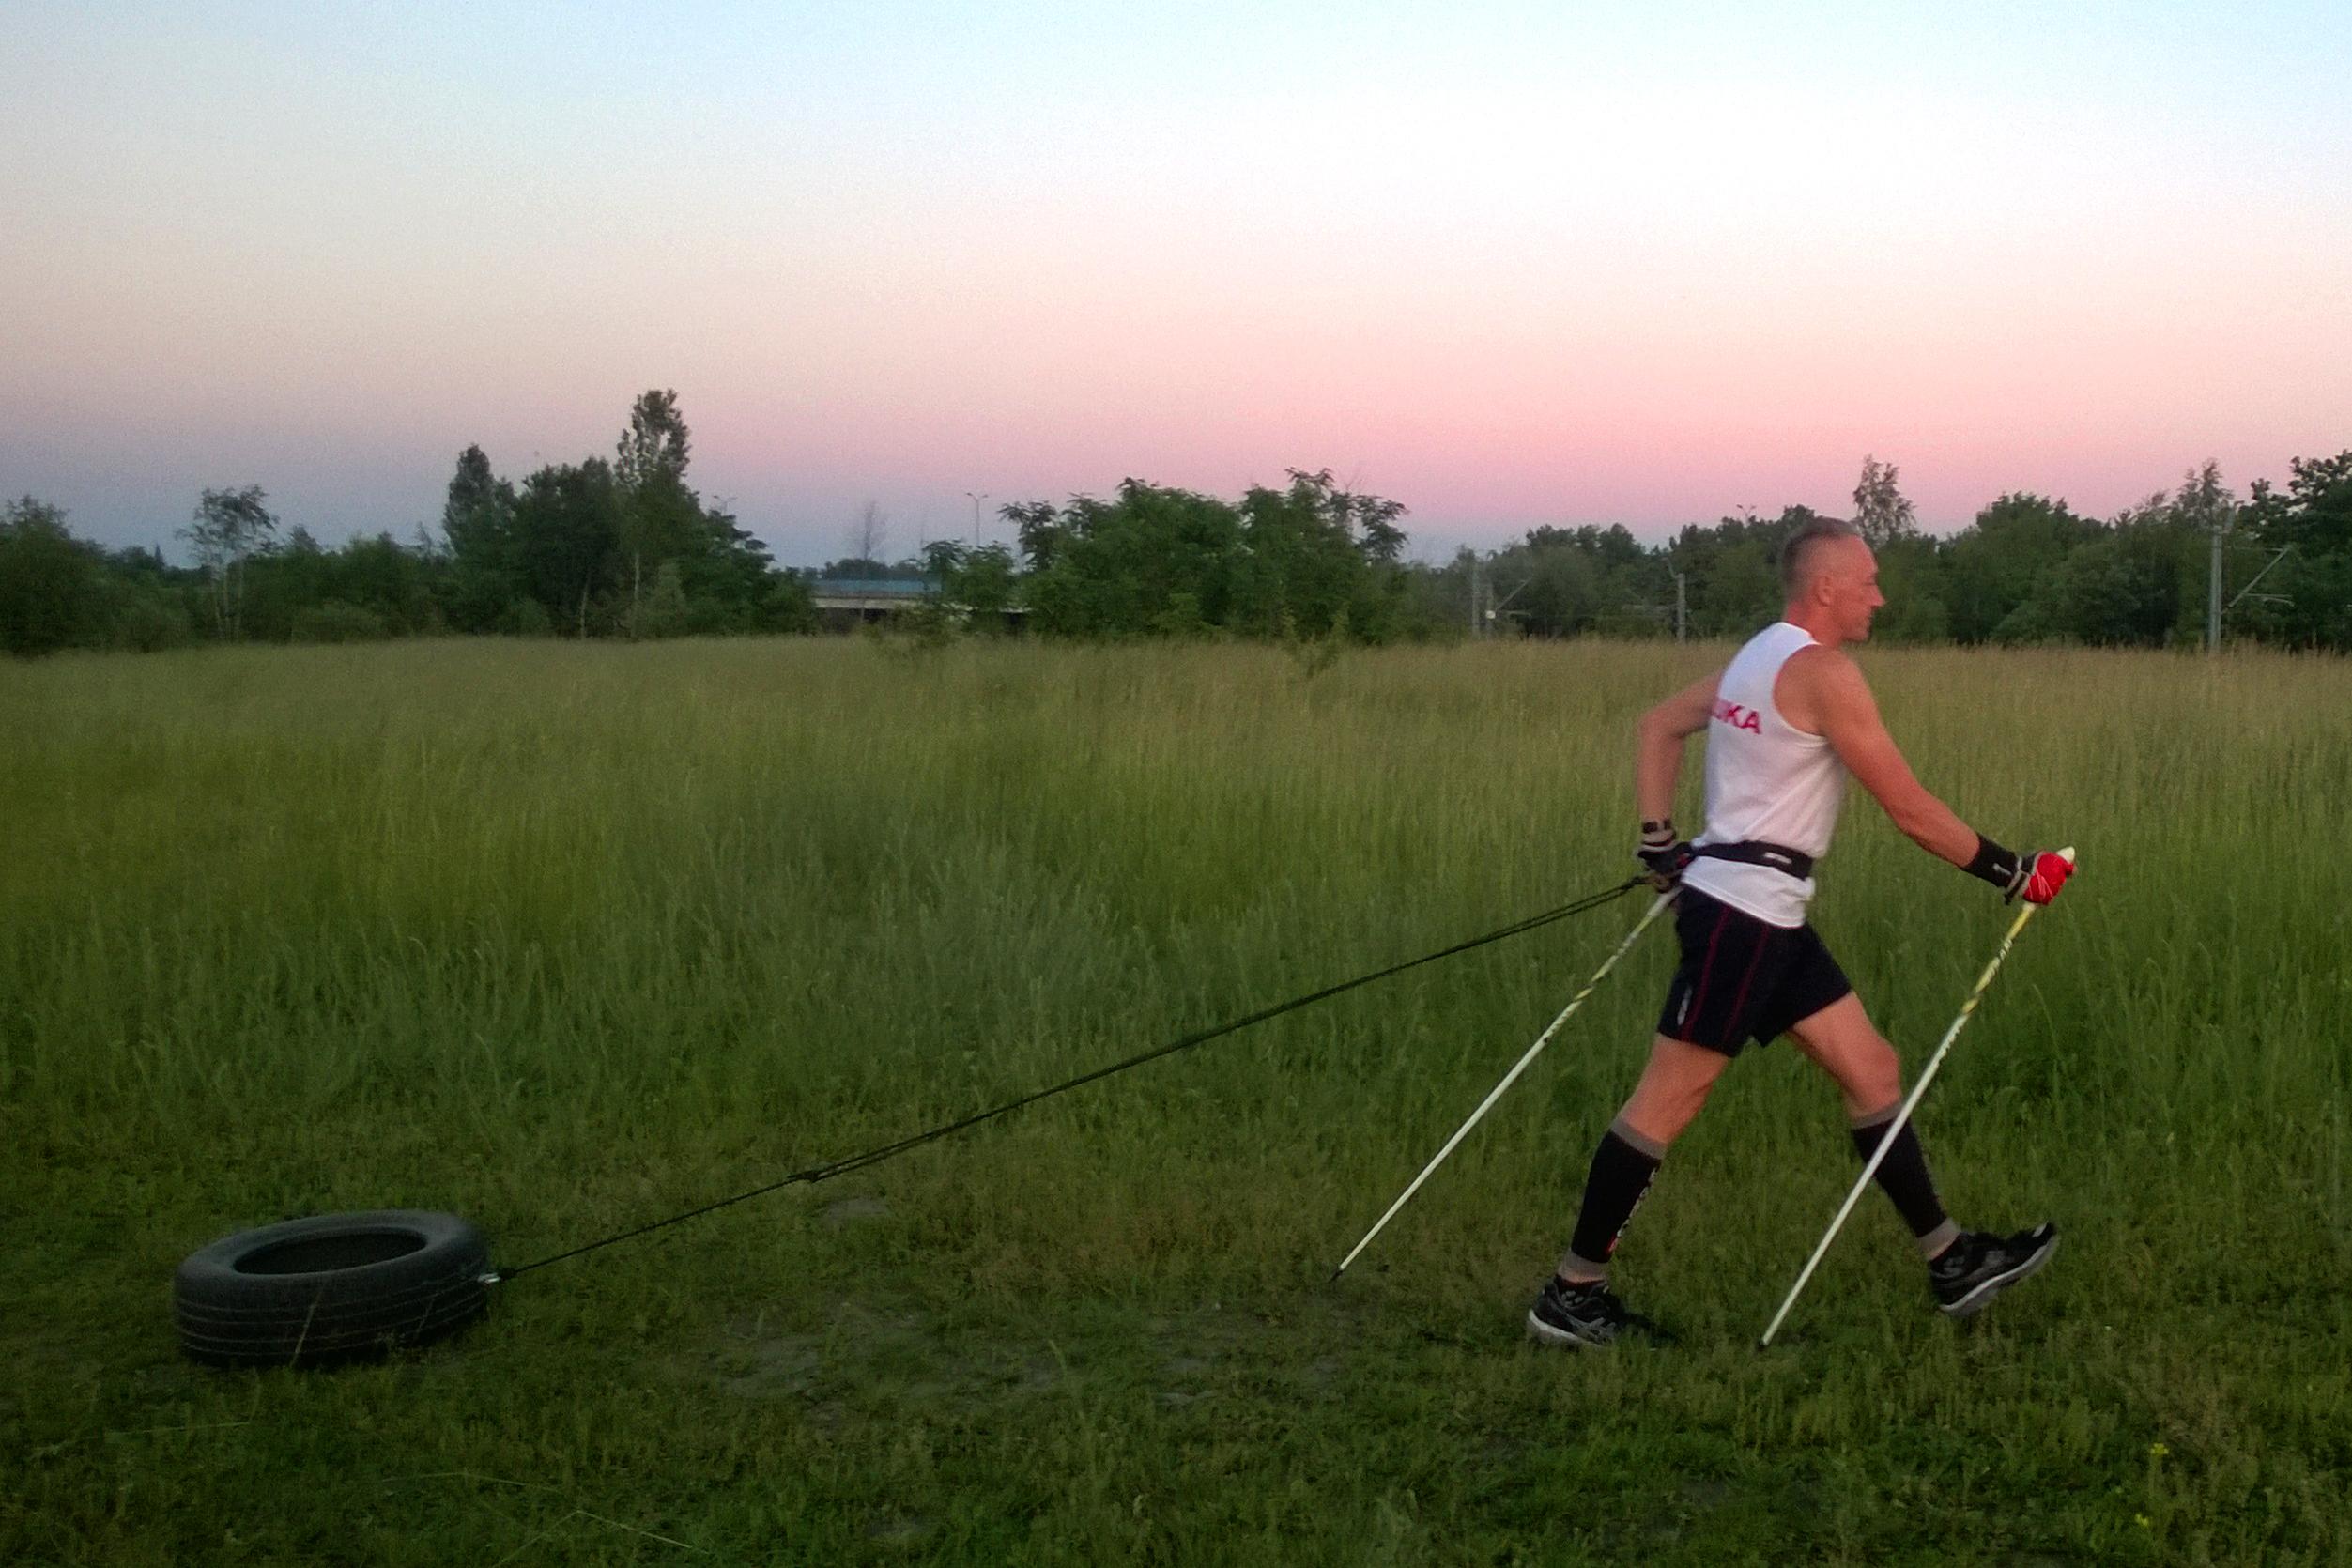 Maraton górski jest o wiele trudniejszy wytrzymałościowo od zwykłego maratonu. Dlatego do zawodów w górach Piotrek trenuje z dodatkowym obciążeniem – zaprzyjaźnioną oponą.